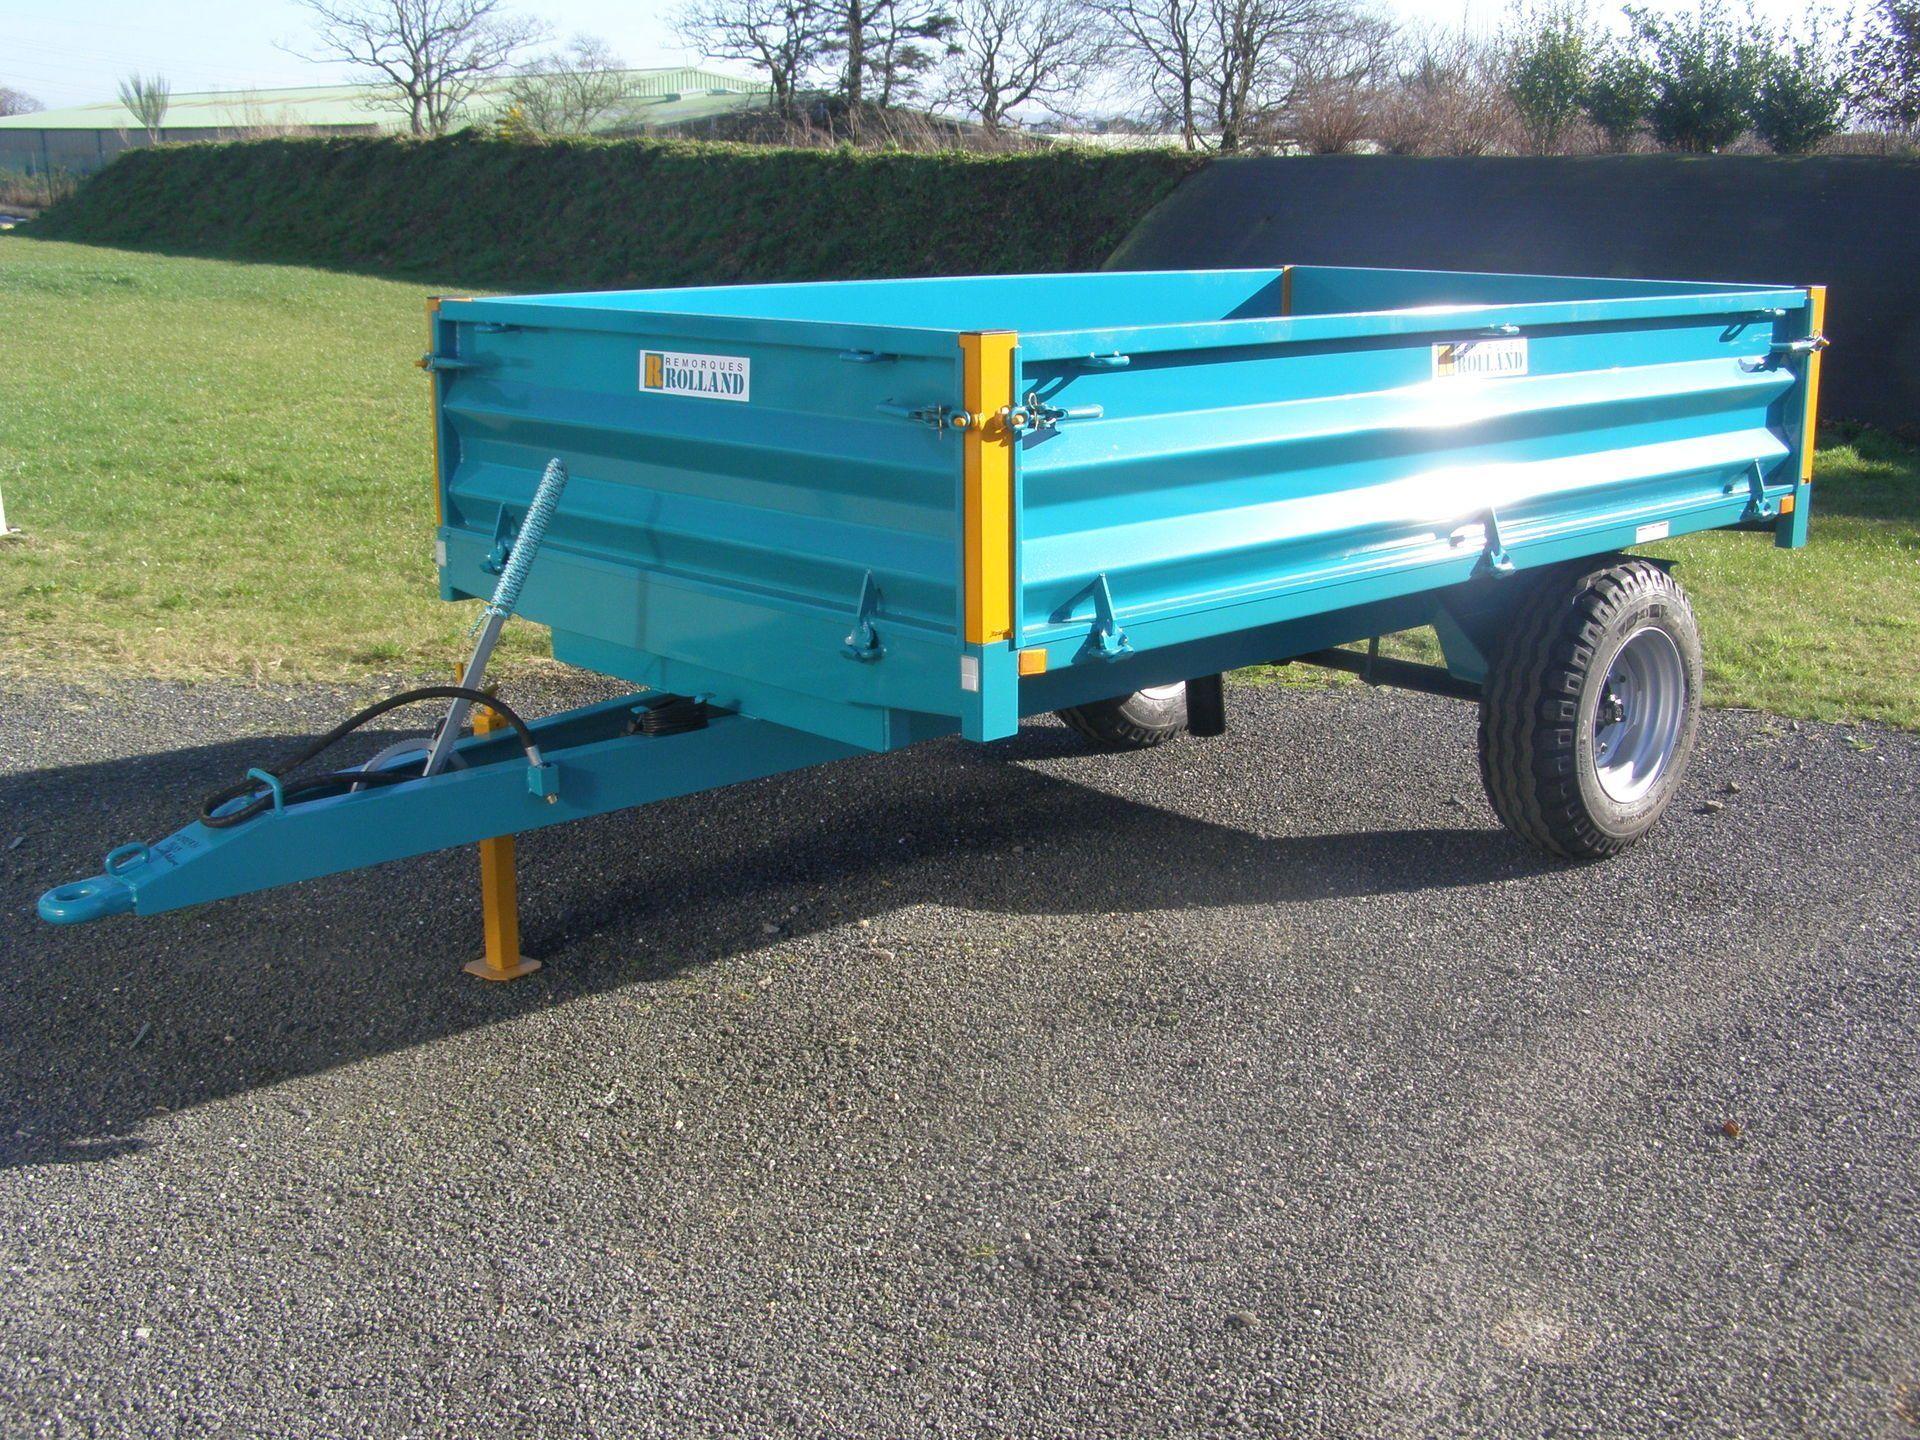 Bh 3 - bennes à ridelles - rolland - charge utile approximative : 3000 kg - poids à vide approximatif : 820 kg